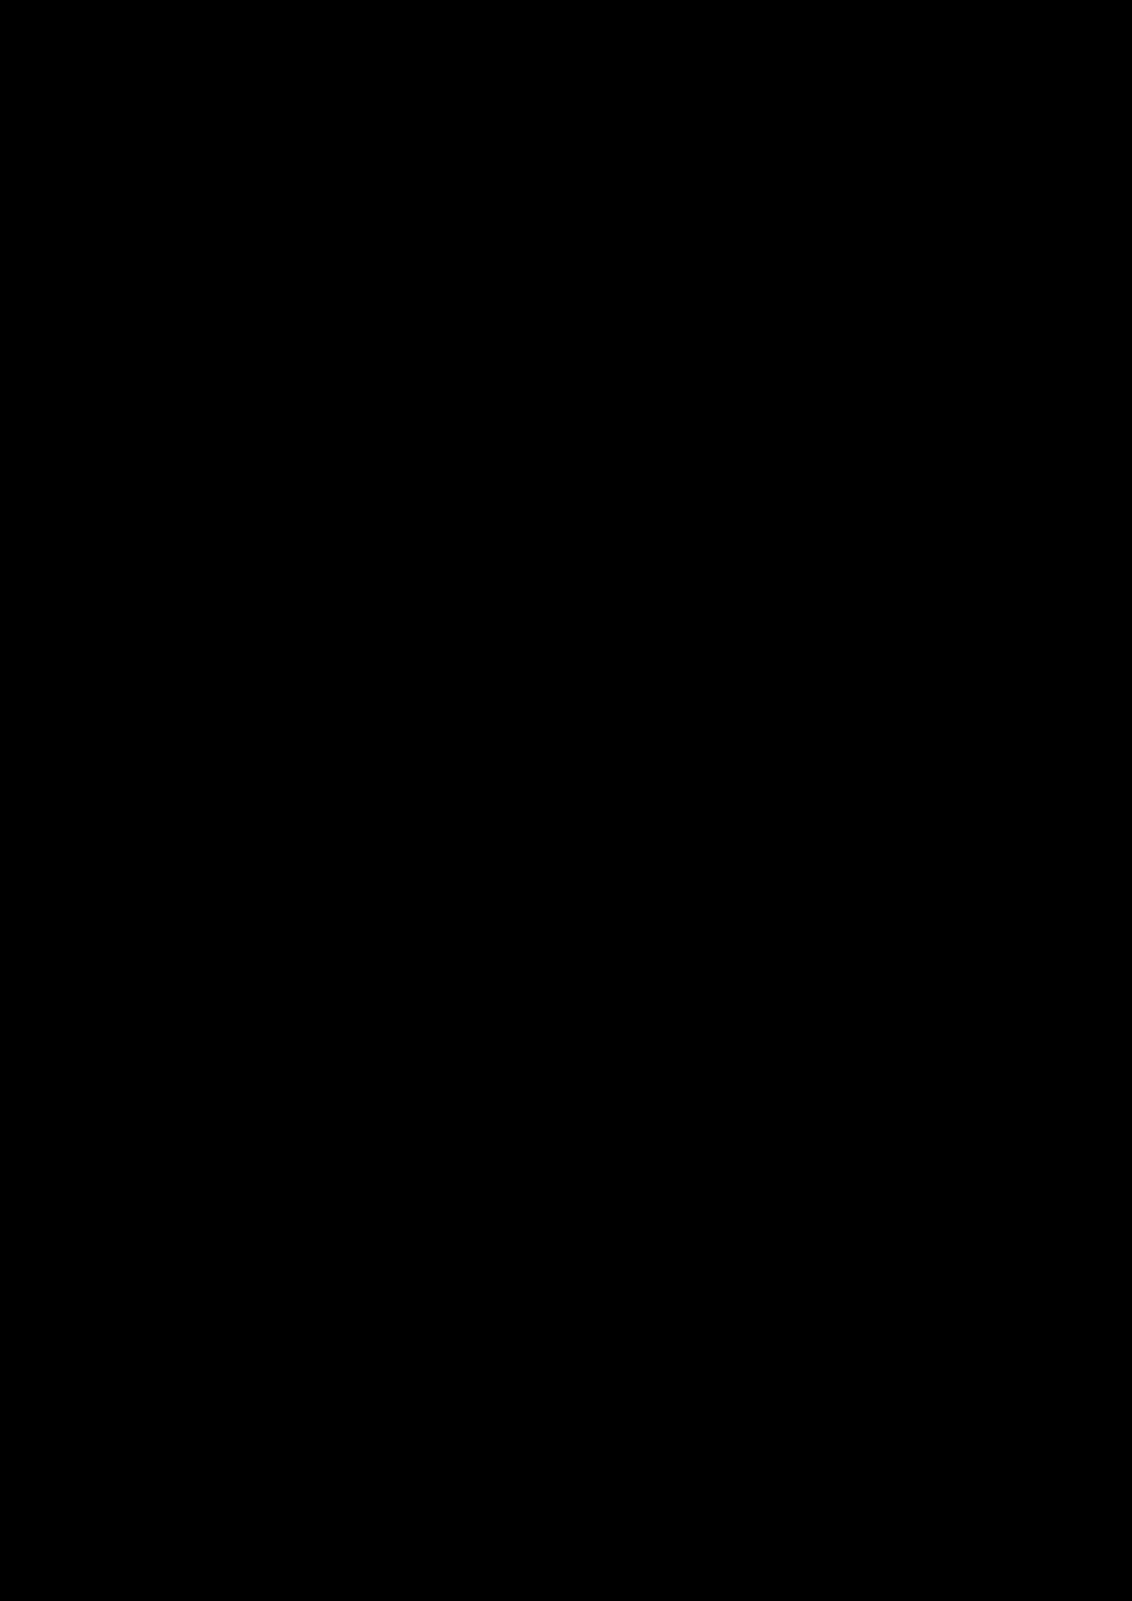 Osobyiy rezon slide, Image 13